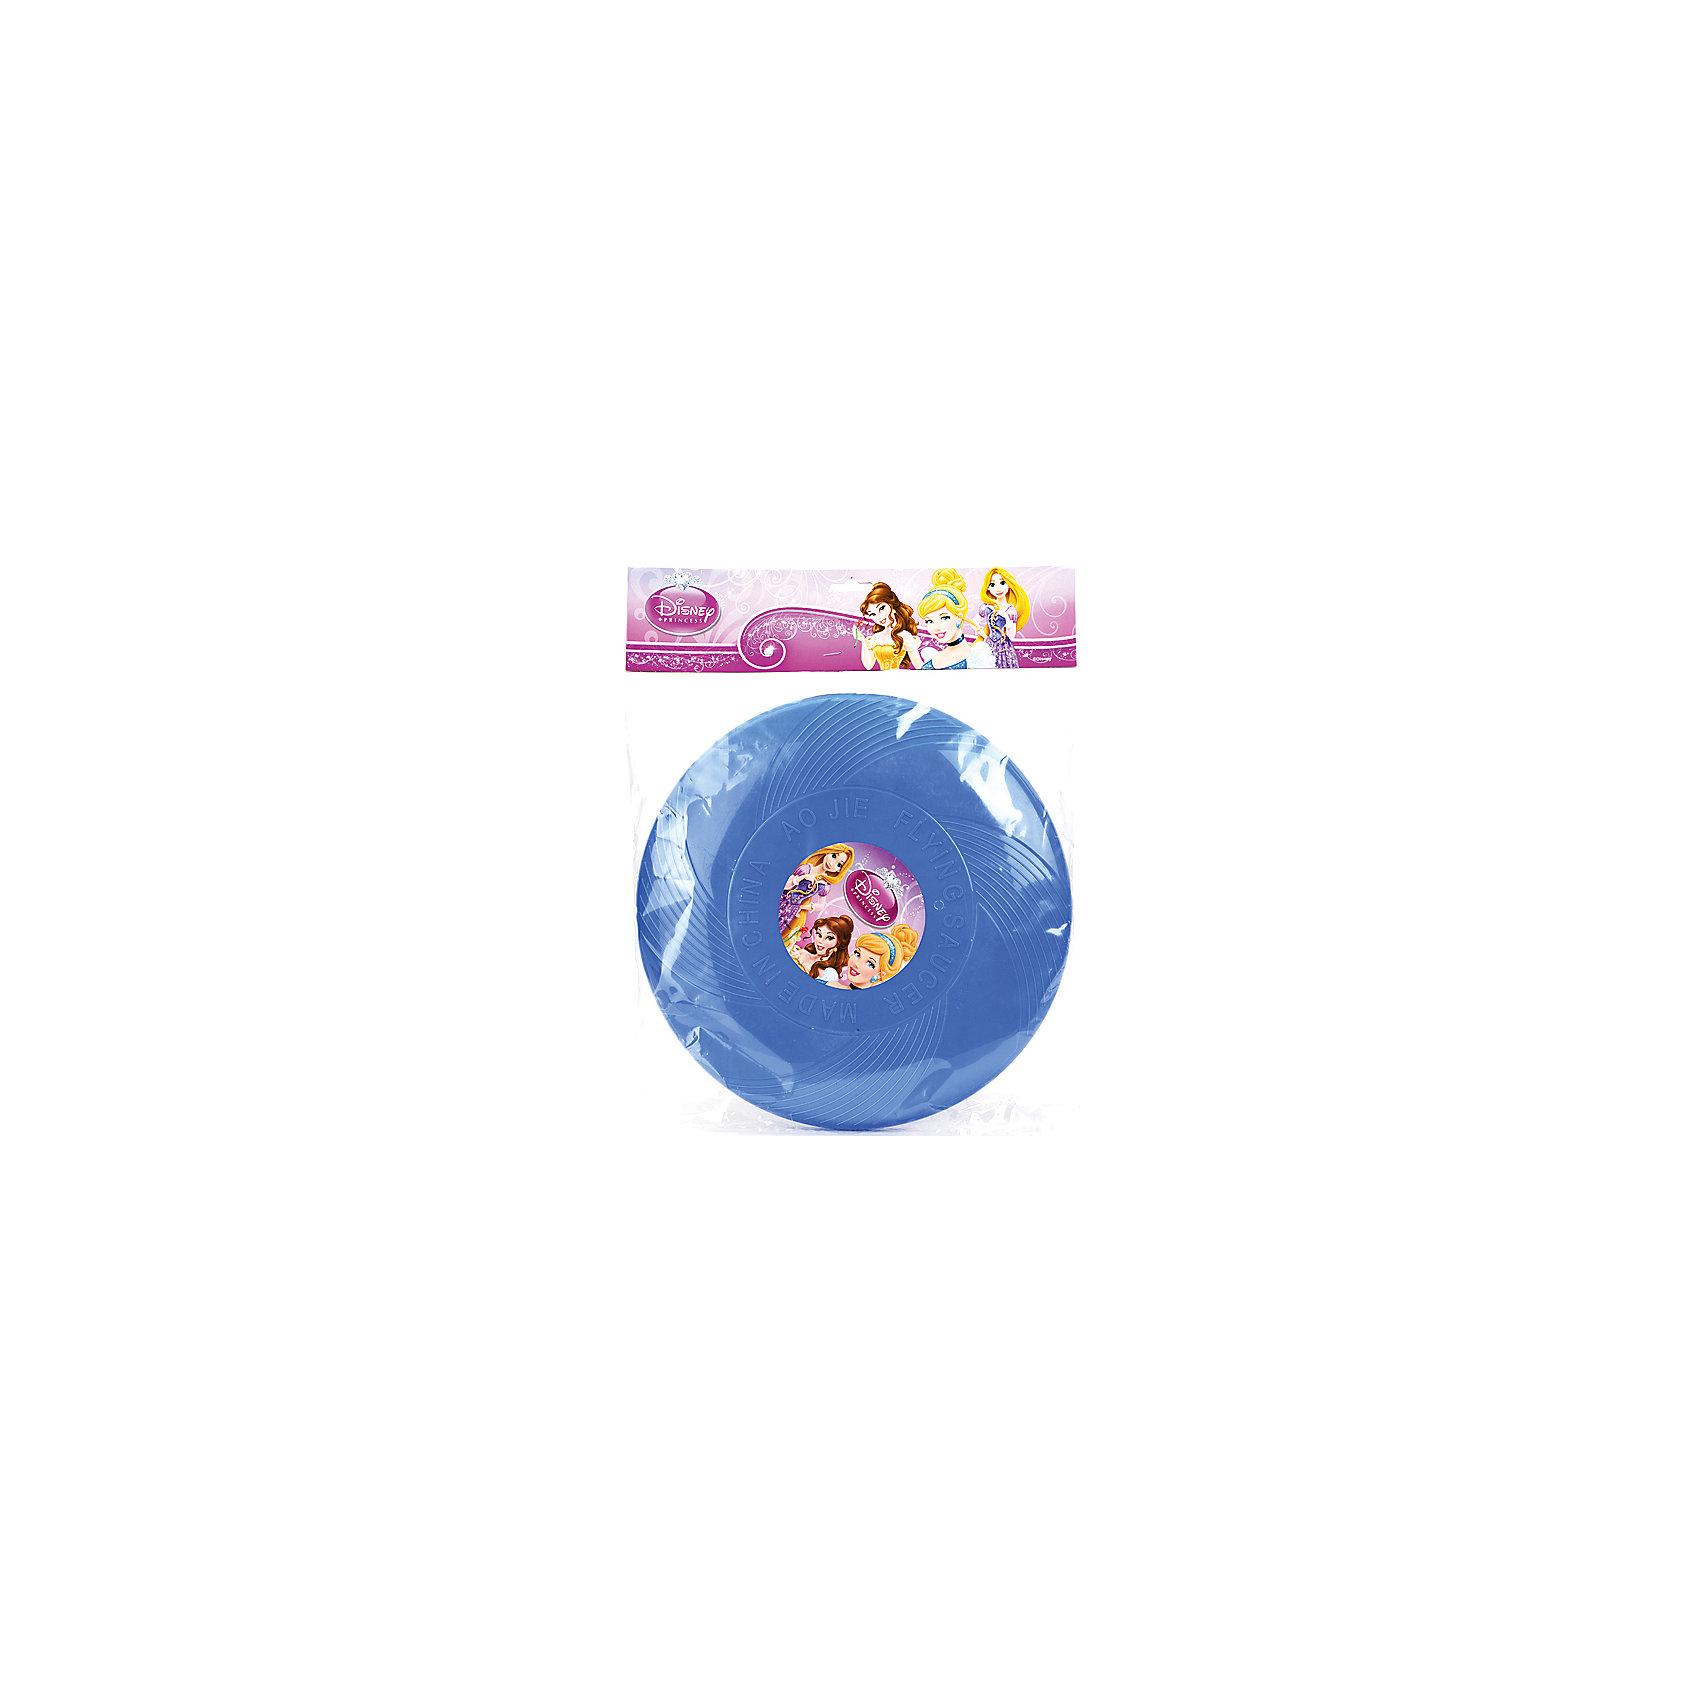 Летающая тарелка с вертушкой, 25 см, Disney PrincessЛетающая тарелка с вертушкой поможет прекрасно провести время на прогулке. Активные игры на природе способствуют укреплению иммунитета, физическому развитию детей и, конечно, дарят море положительных эмоций. Тарелка с изображением любимых героинь обязательно понравится ребенку, ее можно взять с собой куда угодно. Игрушка выполнена из высококачественного прочного пластика, в производстве которого использованы только нетоксичные красители безопасные для детей. <br><br>Дополнительная информация:<br><br>- Материал: пластик. <br>- Размер: d - 25 см.<br><br>Летающую тарелку с вертушкой, 25 см, Disney Princess (Принцессы Дисней) можно купить в нашем магазине.<br><br>Ширина мм: 630<br>Глубина мм: 330<br>Высота мм: 570<br>Вес г: 120<br>Возраст от месяцев: 36<br>Возраст до месяцев: 1188<br>Пол: Женский<br>Возраст: Детский<br>SKU: 4616817